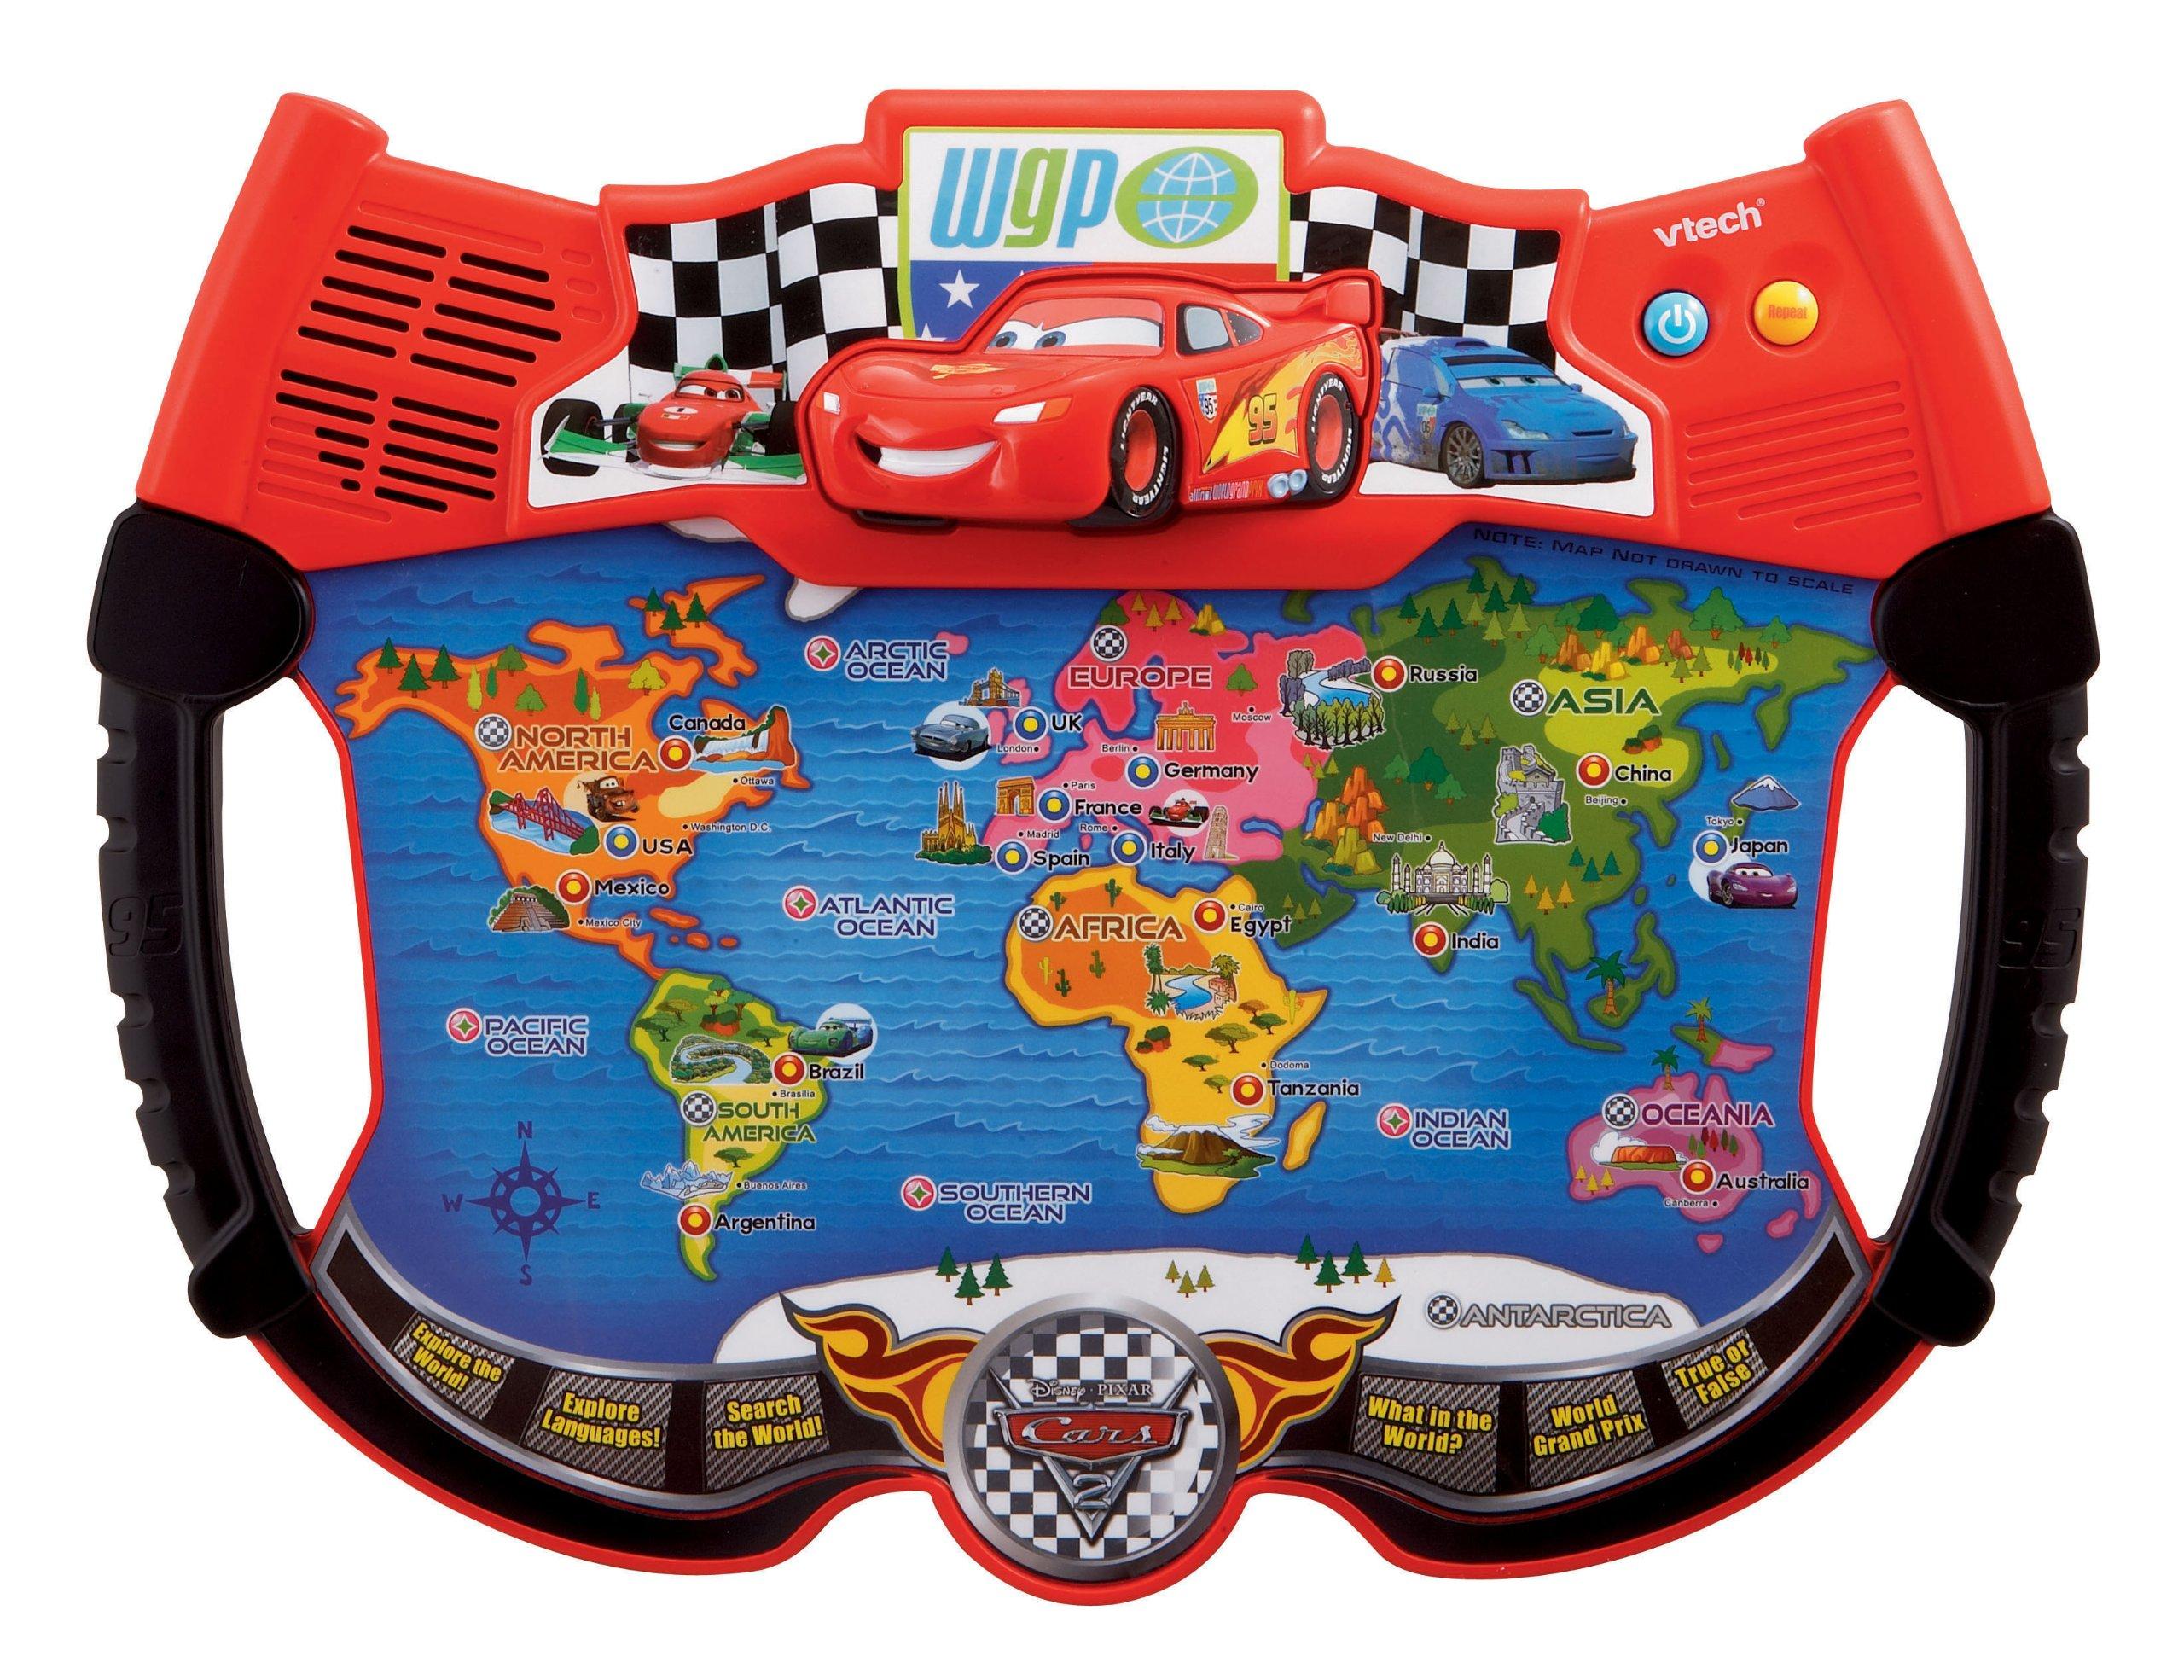 VTech - Disney's Cars - Lightning McQueen Atlas